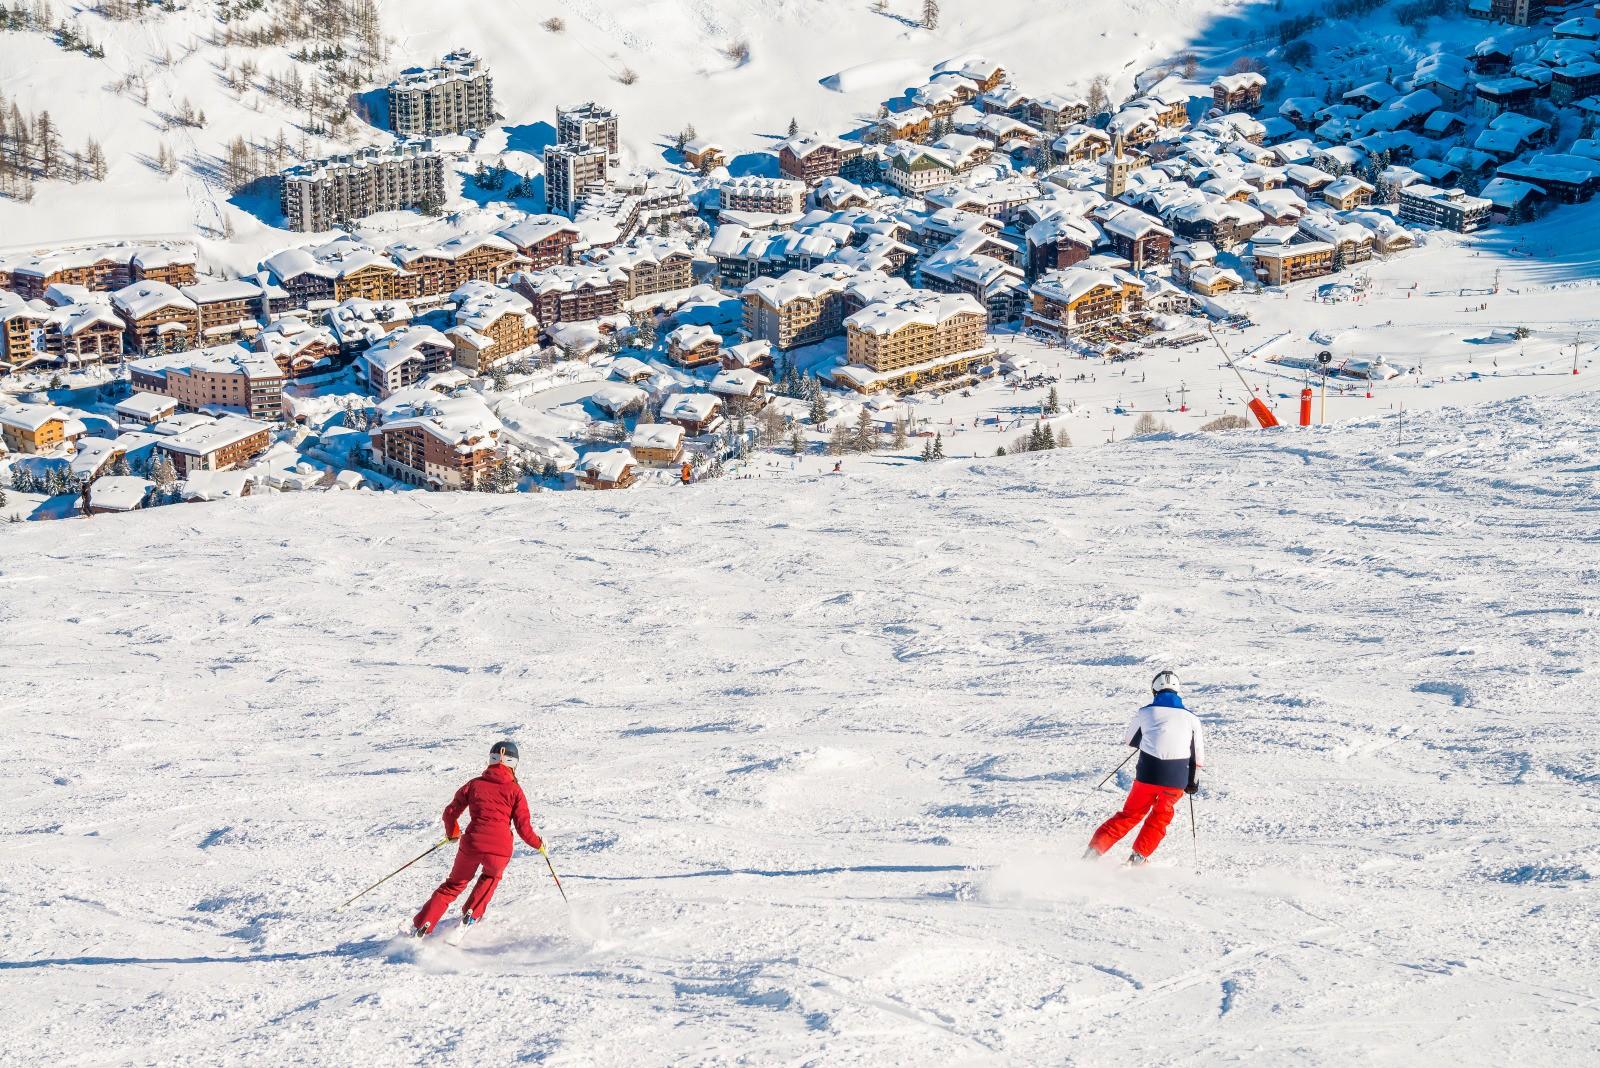 centrale-de-reservation-officielle-de-val-d-isere hiver